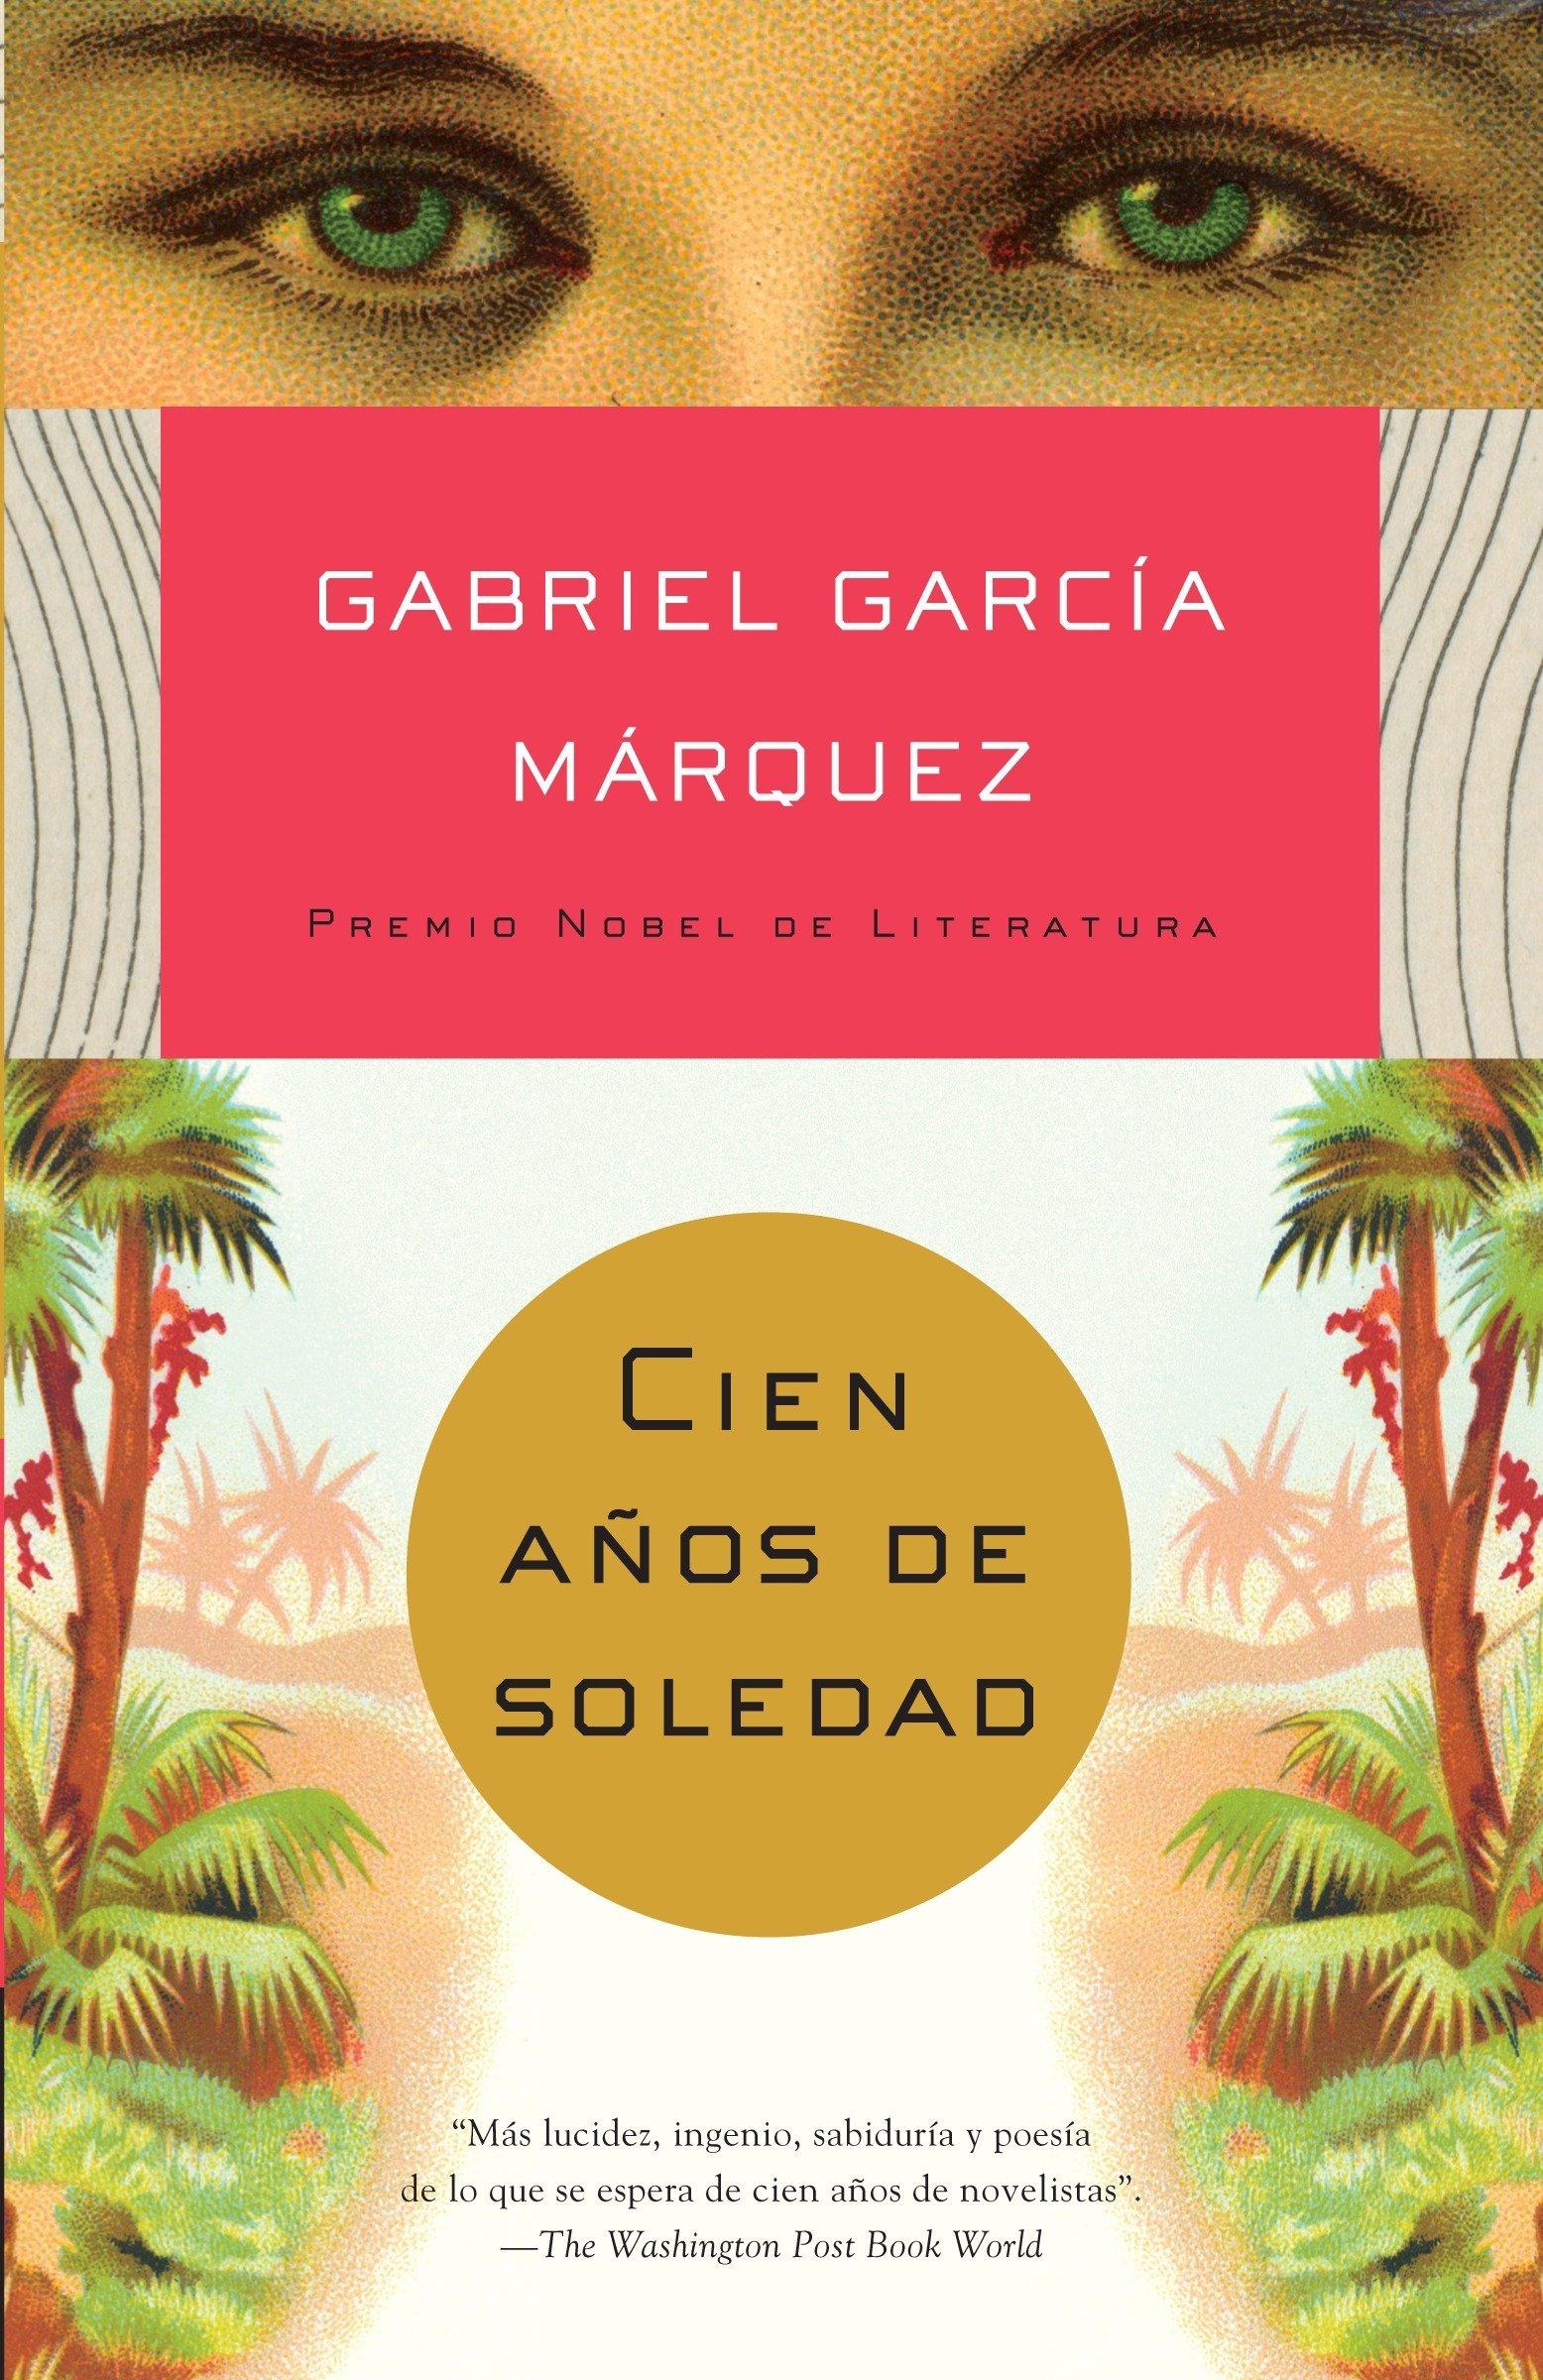 Amazon.com: Cien años de soledad (Spanish Edition) (9780307474728): Gabriel  García Márquez: Books